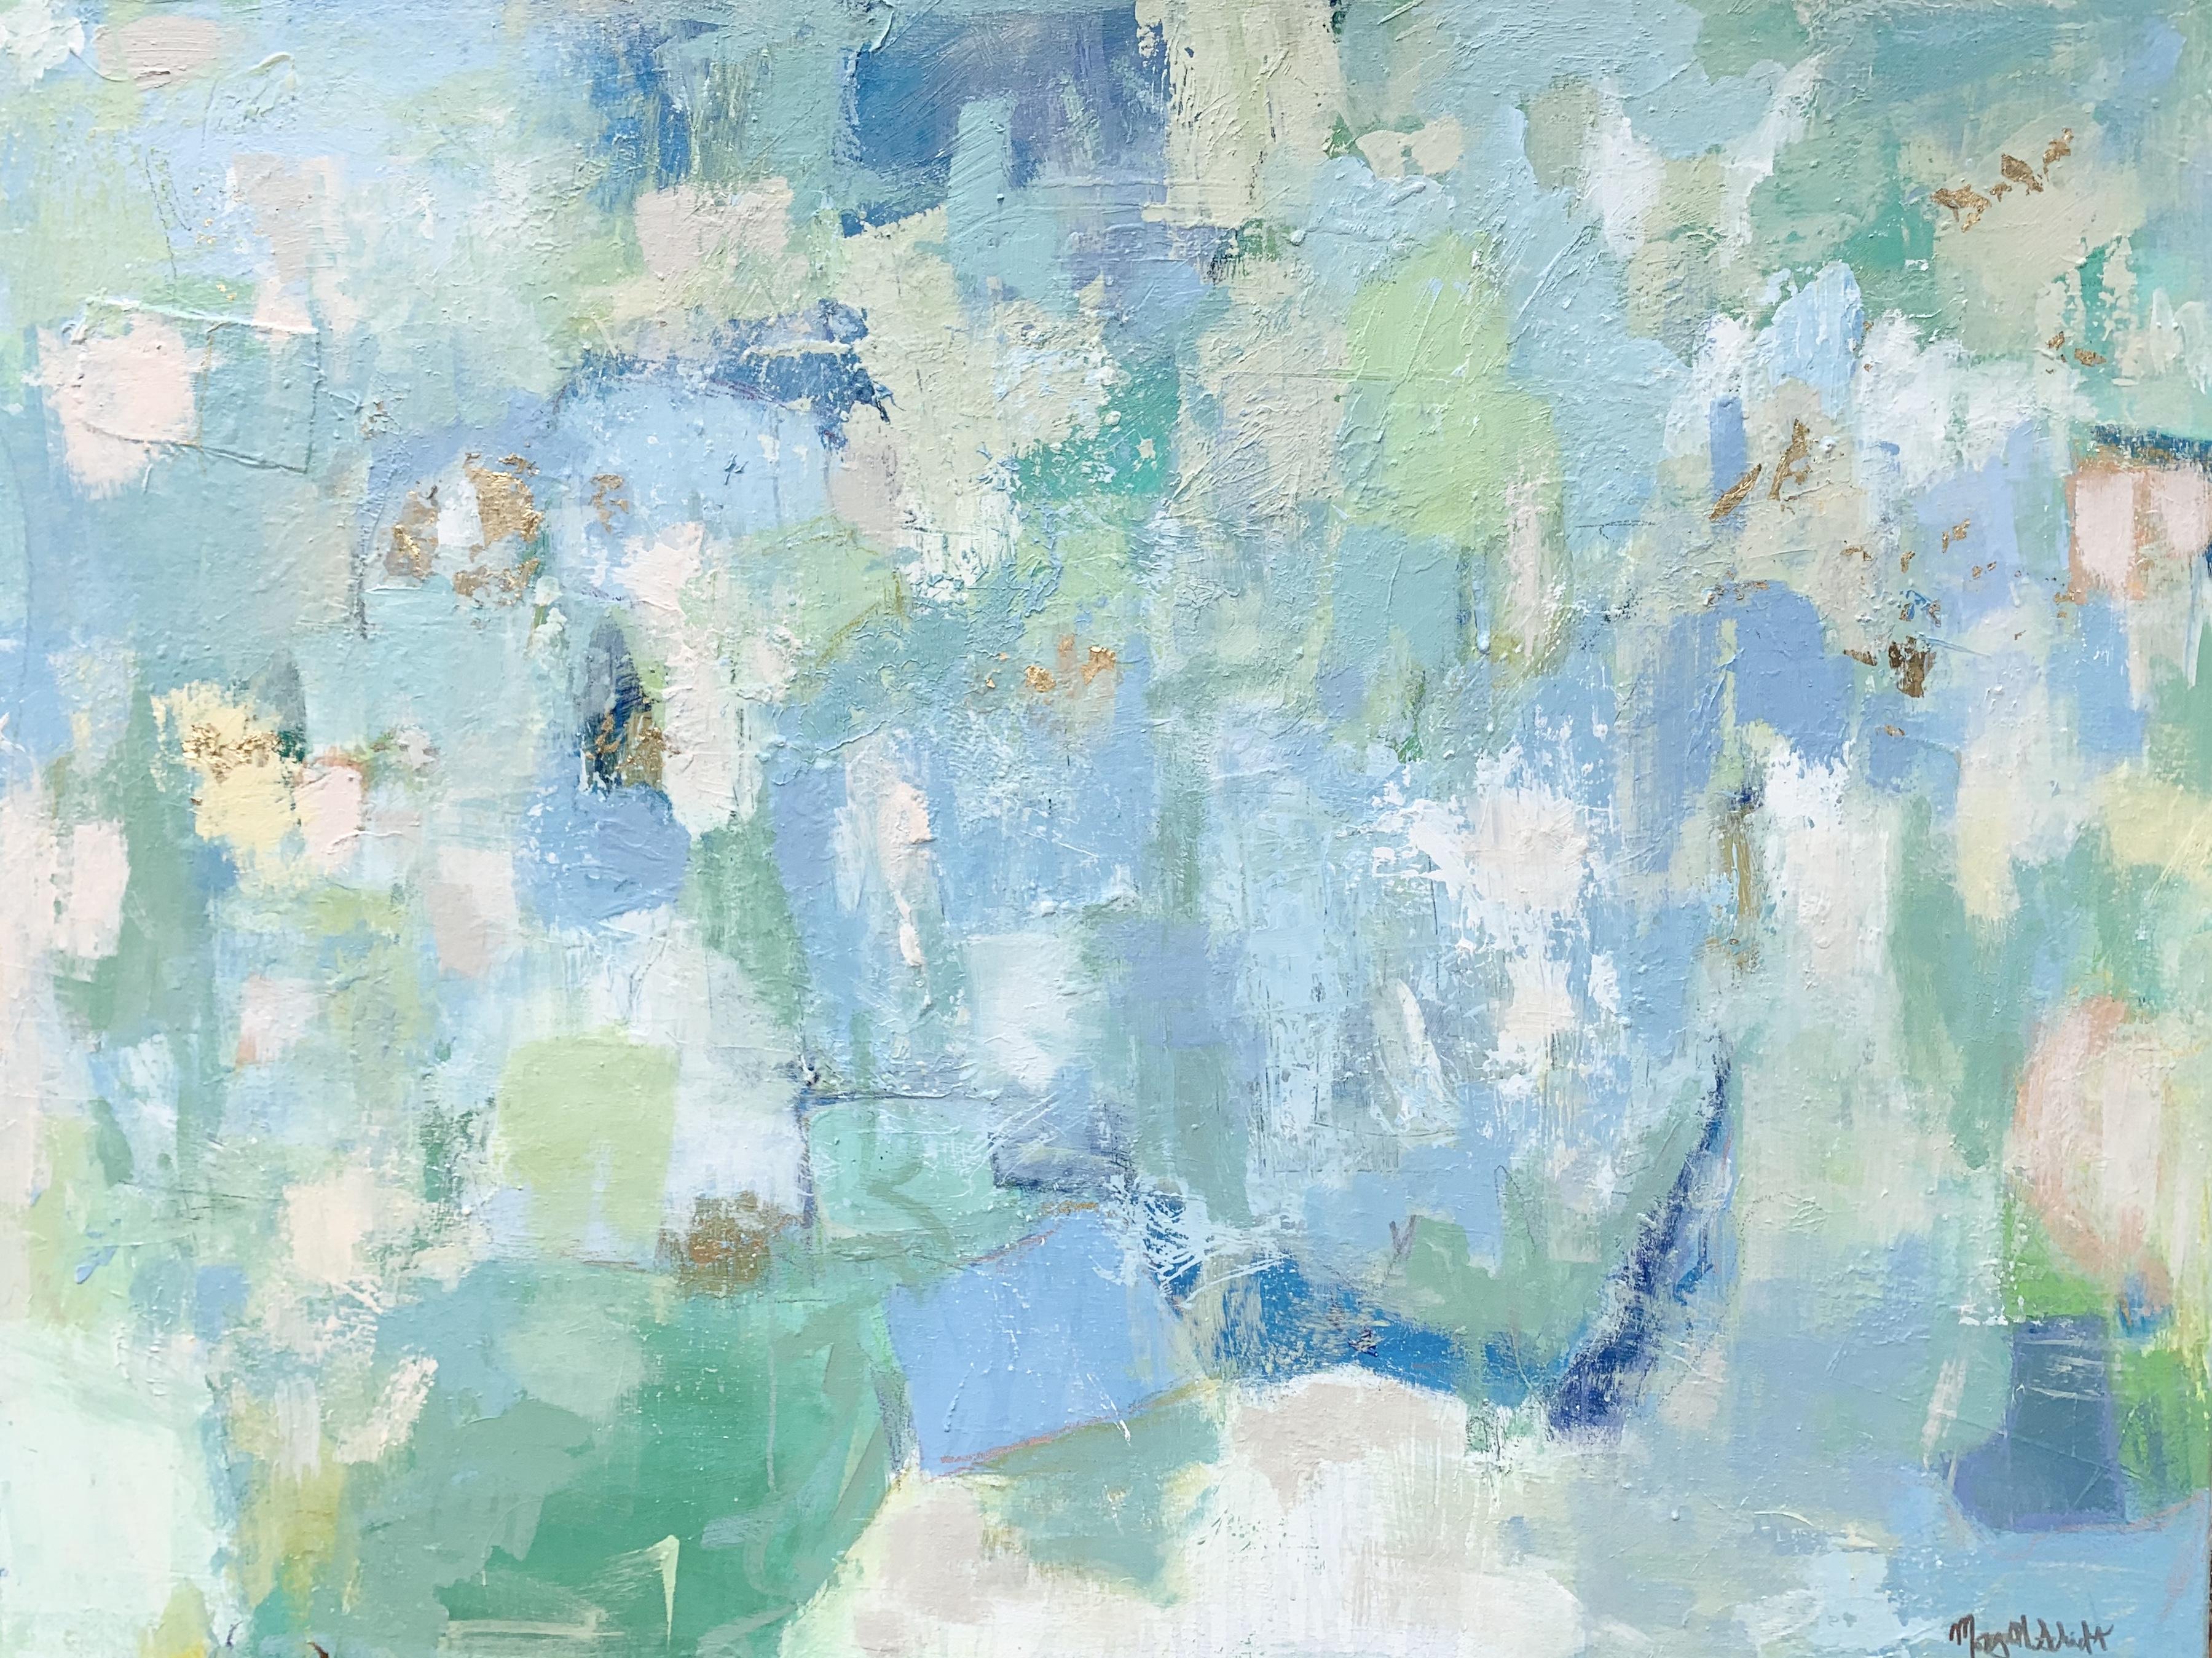 abstract acryllic